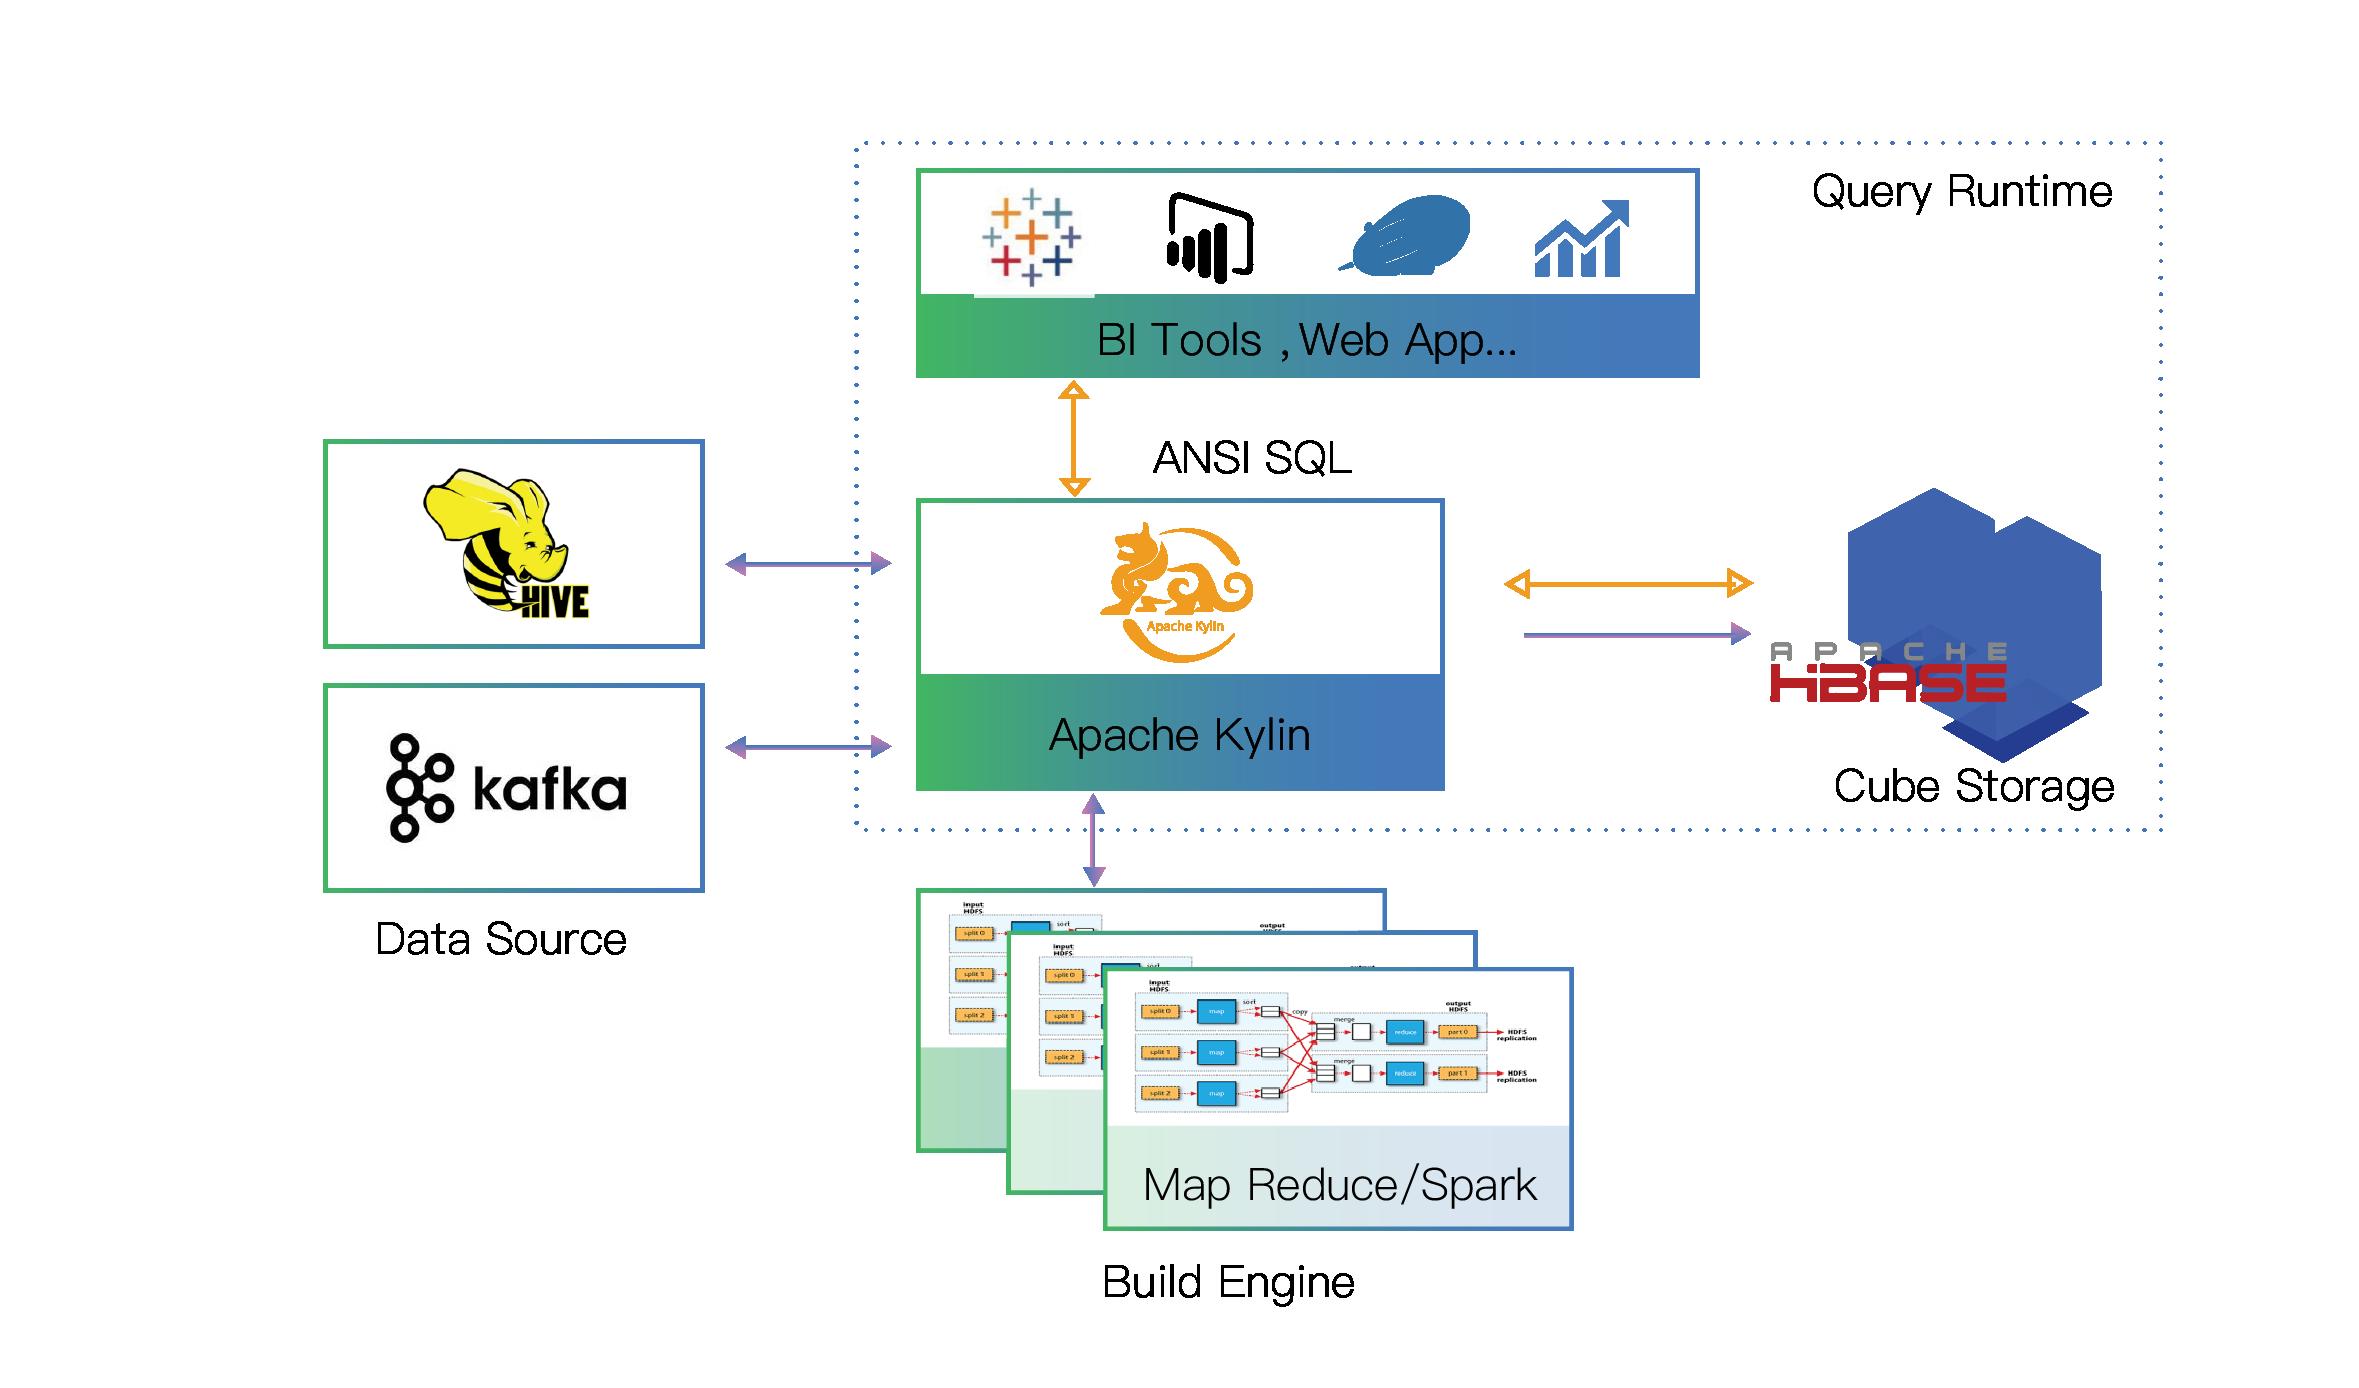 Apache Kylin incluye ahora nuevas funcionalidades a su plataforma analítica